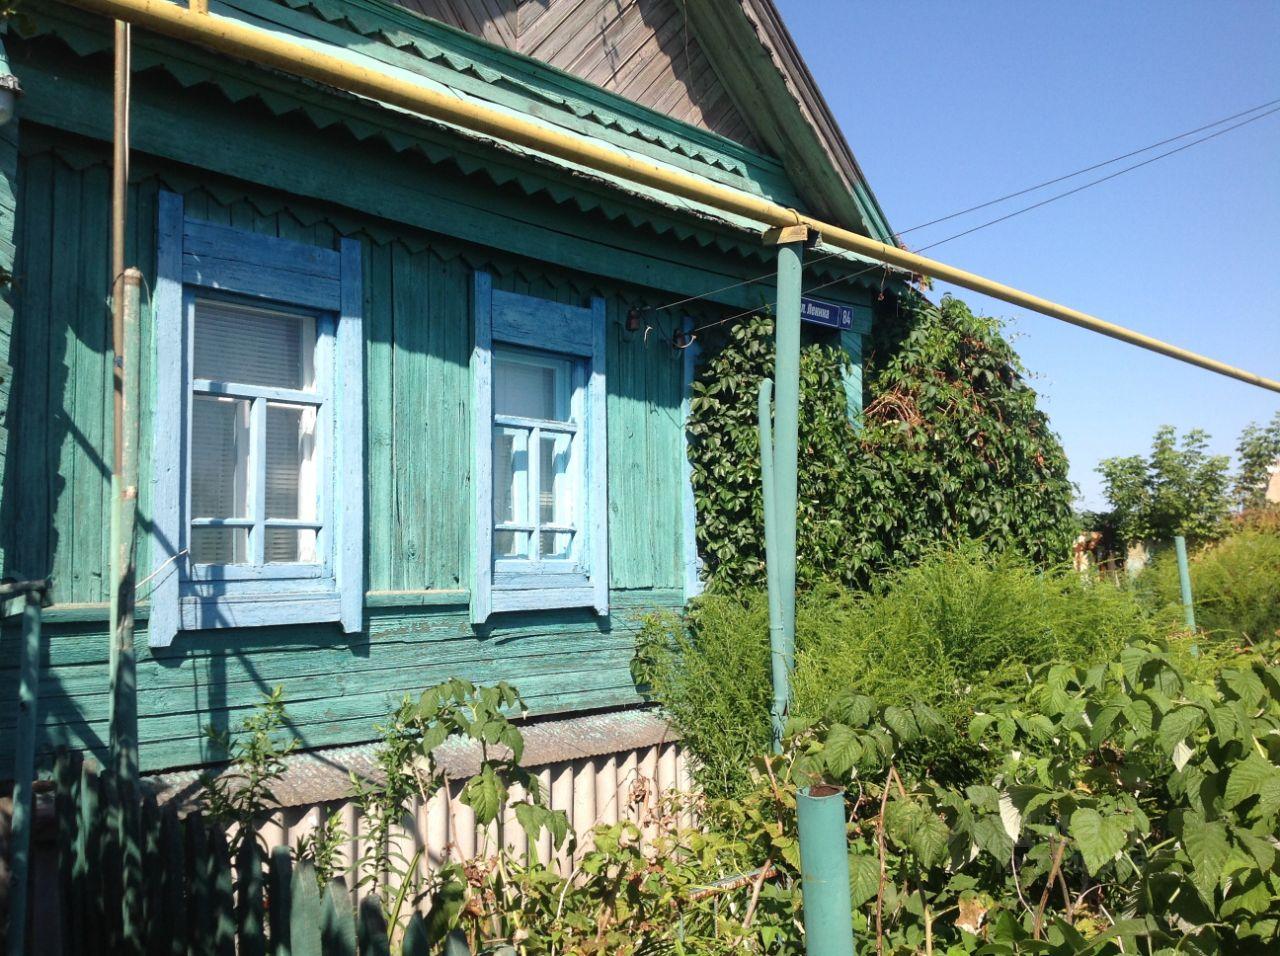 продажа земли и домов в ульяновске на авито удивительные пожелания